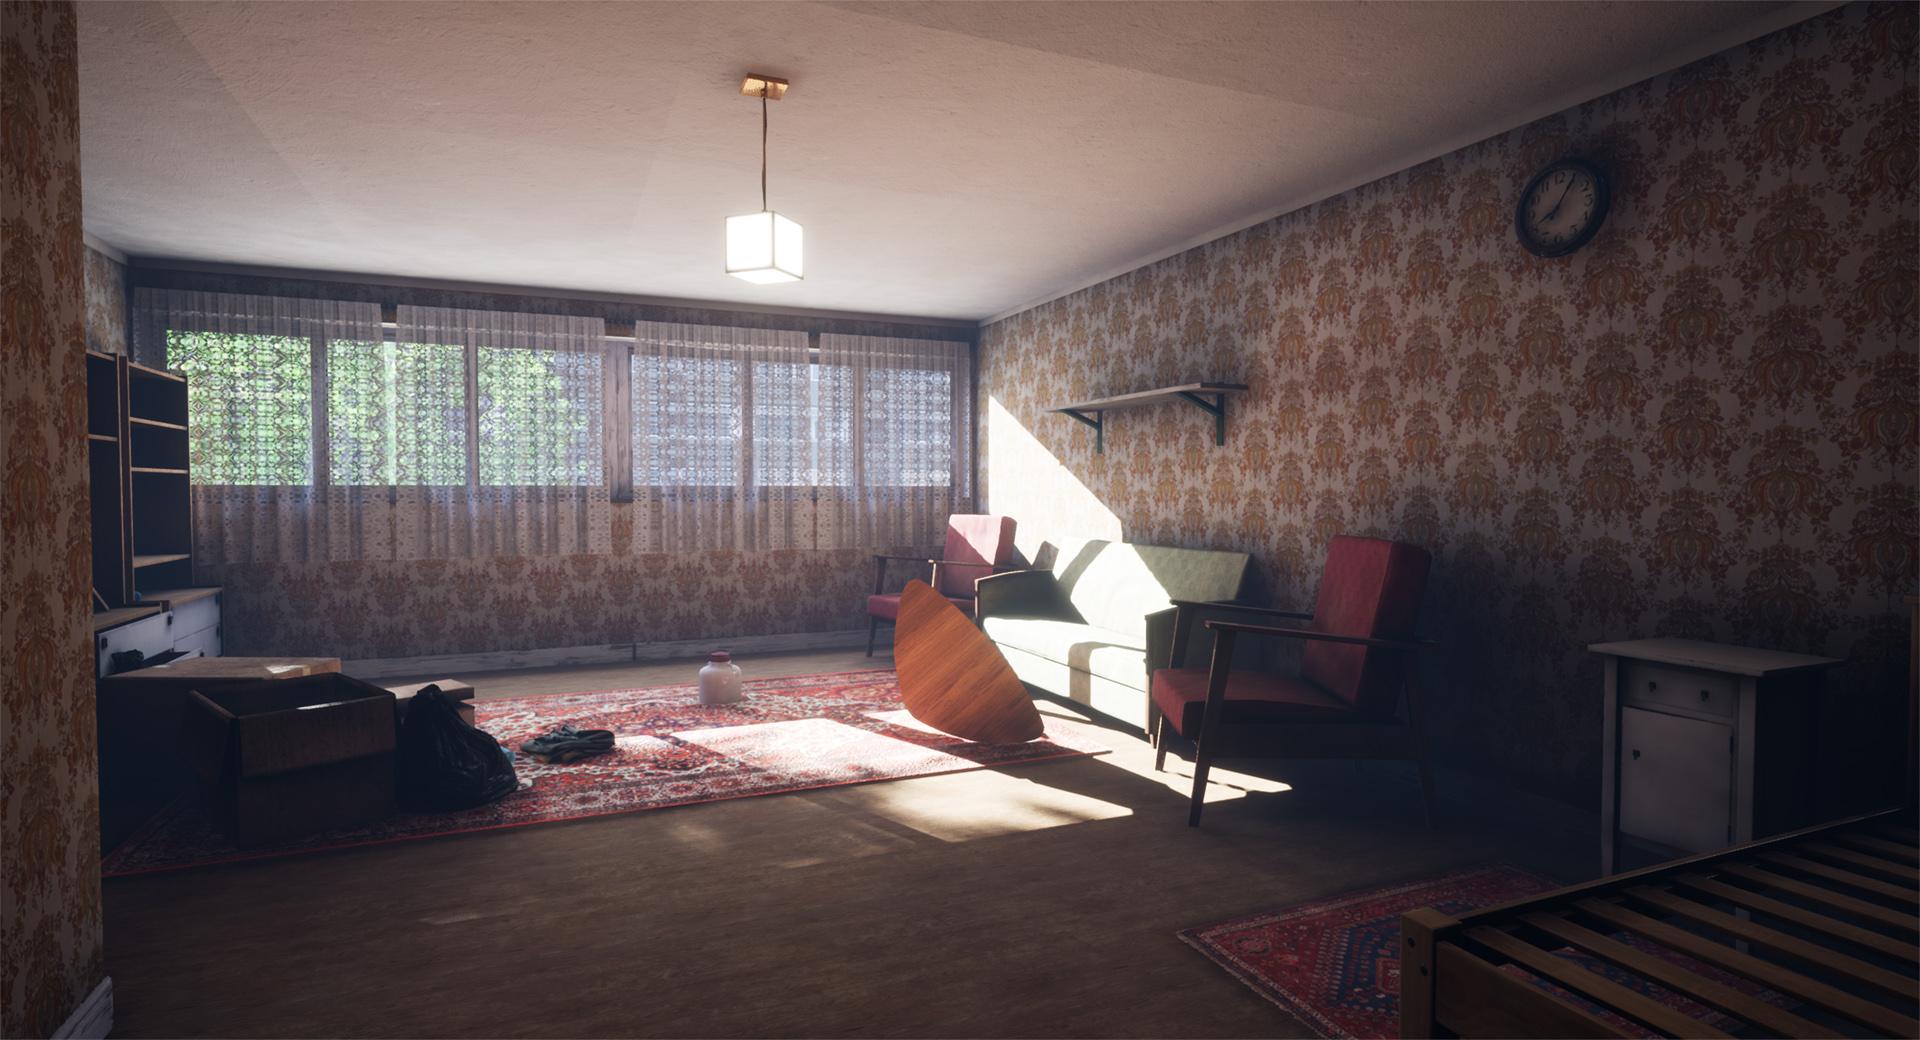 Apartment 1 - living room interior